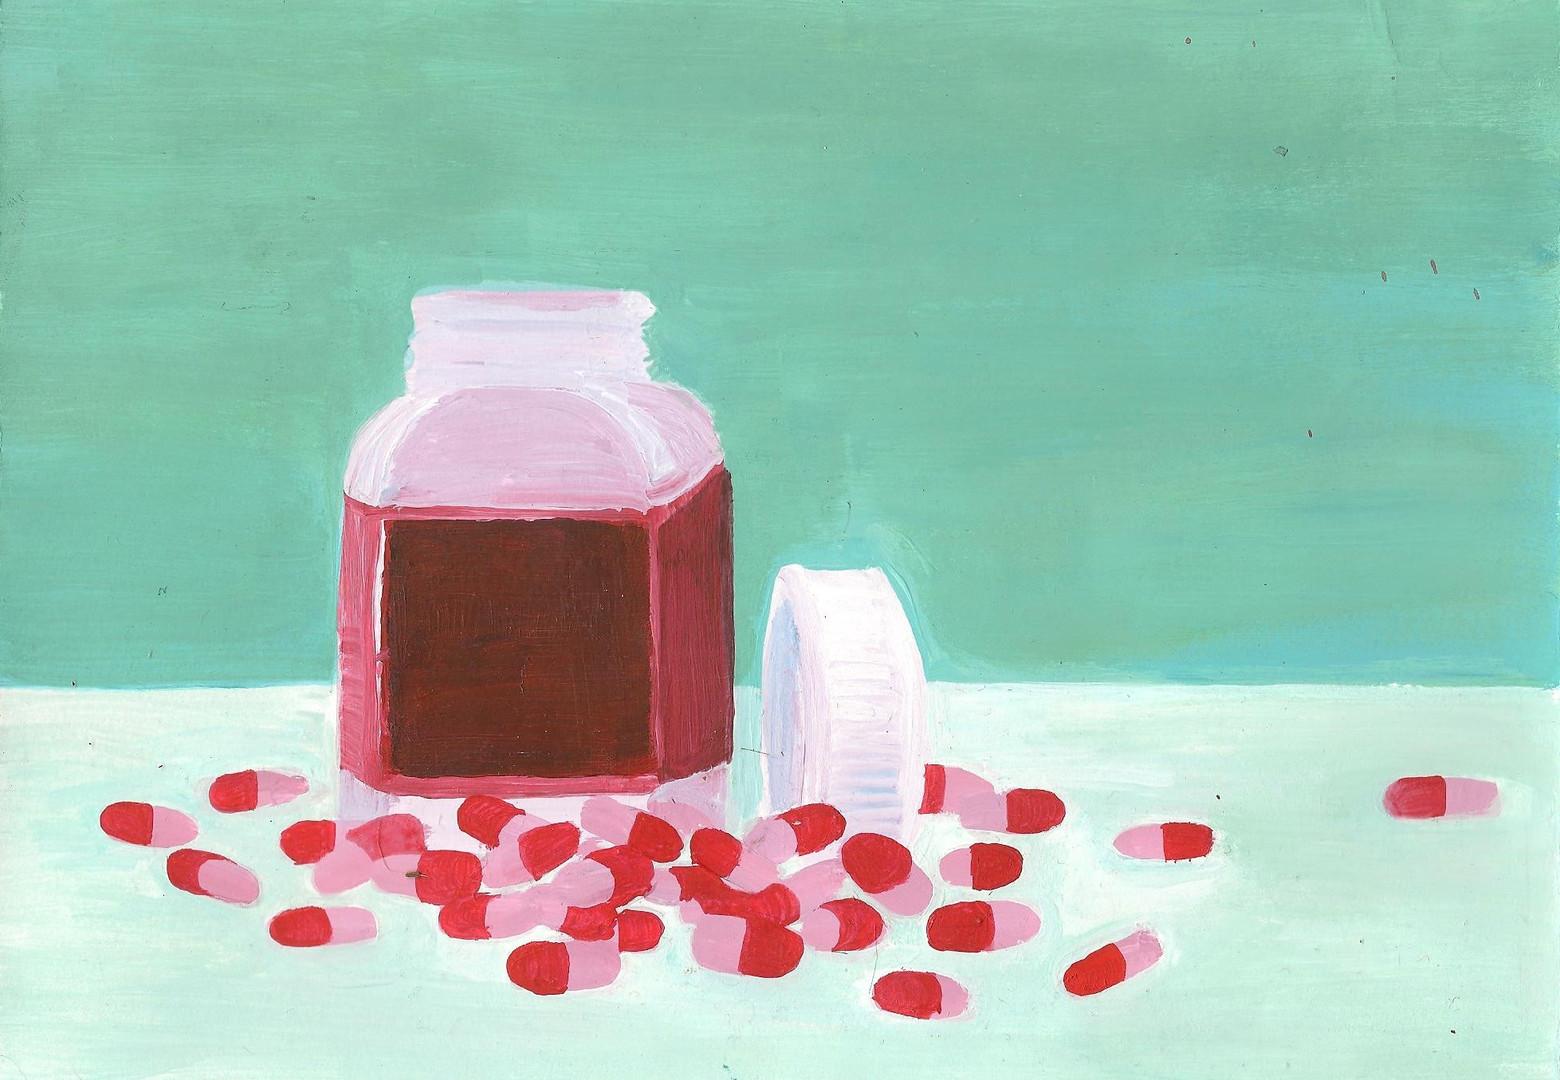 Candy iii